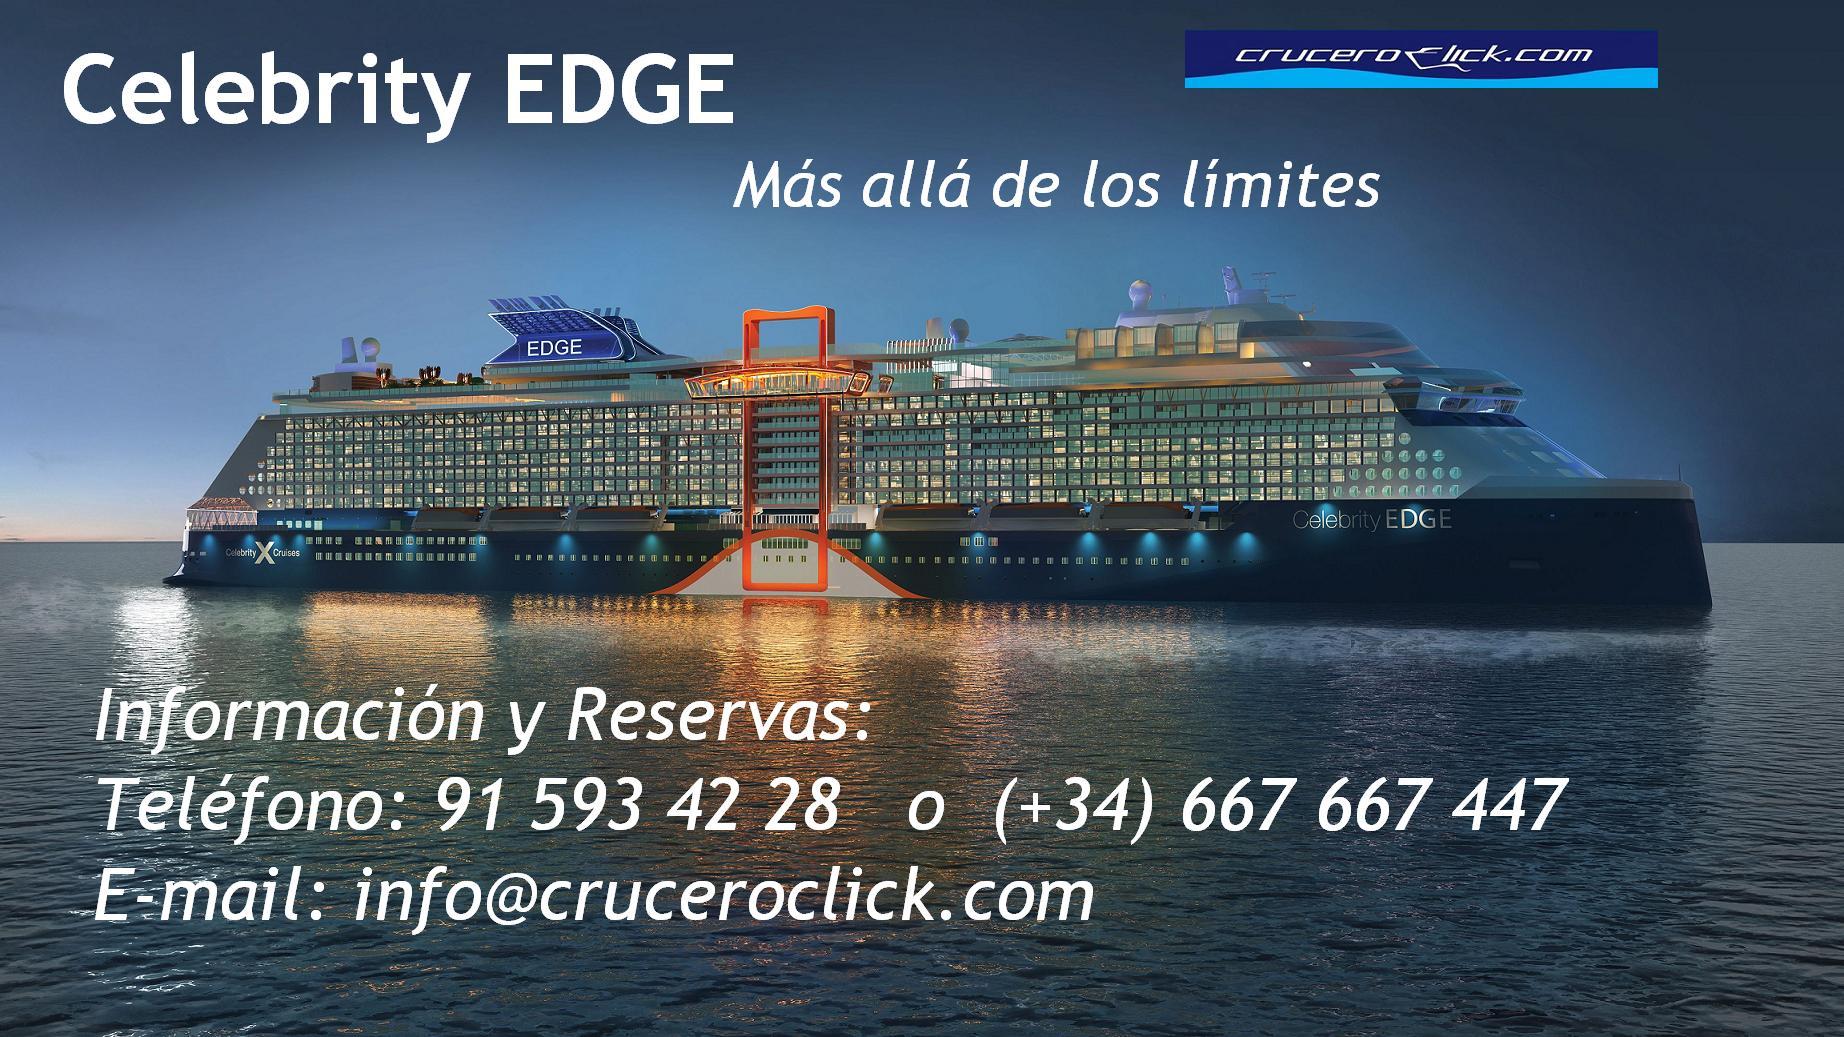 CELEBRITY EDGE CELEBRITY CRUISES NEW SHIP NUEVO BARCO CELEBRITY CRUISES CELEBRITY EDGE PREMIUM CRUISES CRUCEROS CELEBRITY EDGE CRUCEROS DE LUJO CELEBRITYCRUISES CELEBRITYEDGE CRUCEROS MEDITERRANEO CRUCEROS CARIBE BARCO NUEVO CRUCERO NUEVO NEW SHIP #CelebrityCruises #CelebrityEdge #CrucerosCelebrity #Celebrity #Edge #Cruises #NewShip #LuxuryCruises #NewCruiseShip #MagicCarpet #EdenRestaurant #Surprise #Vacation #Vacaciones #Crucerosdelujo #Cruceros #ReservaCruceros #CruceroClick